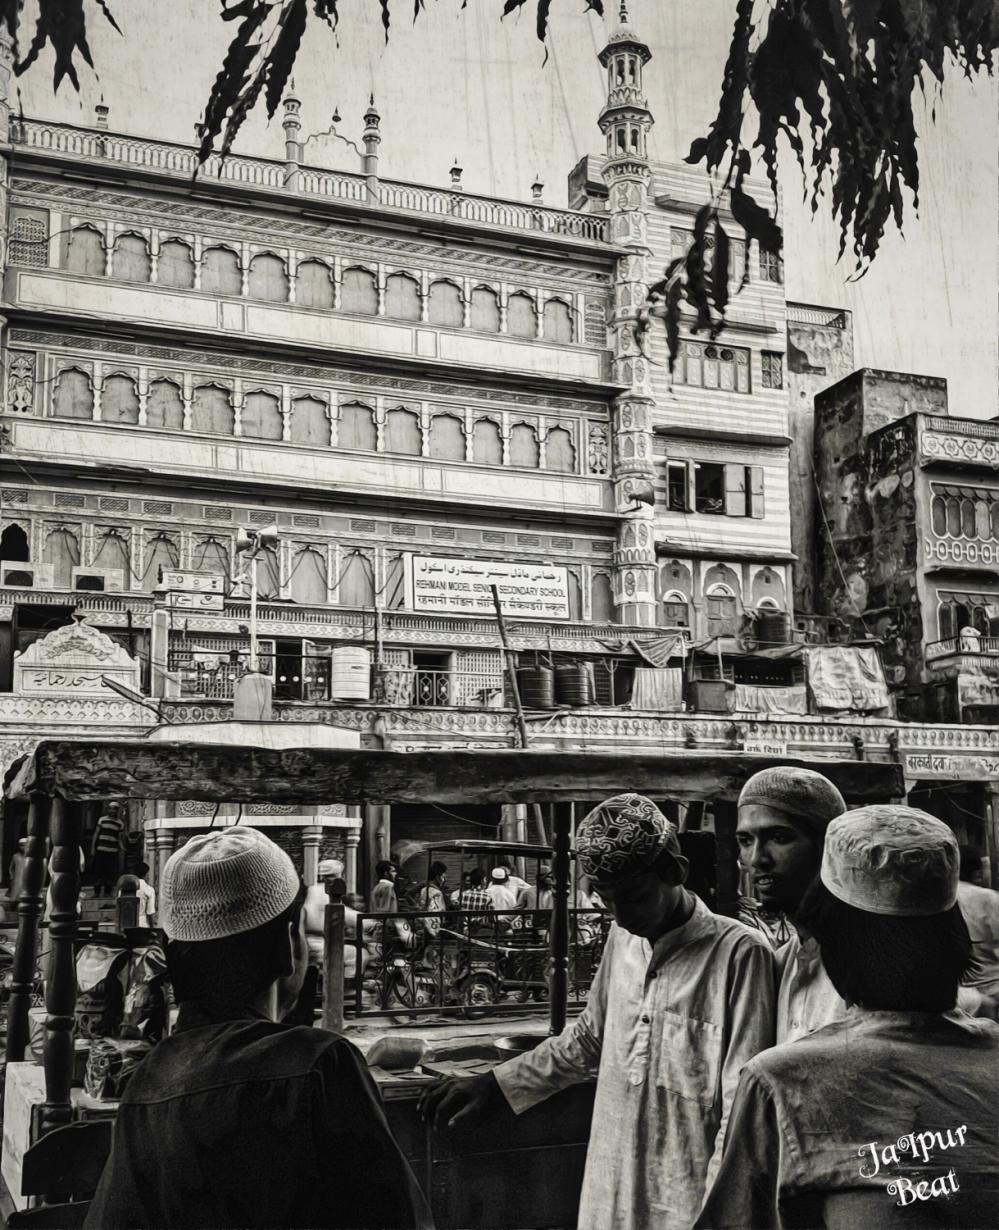 Eid Jaipur Beat